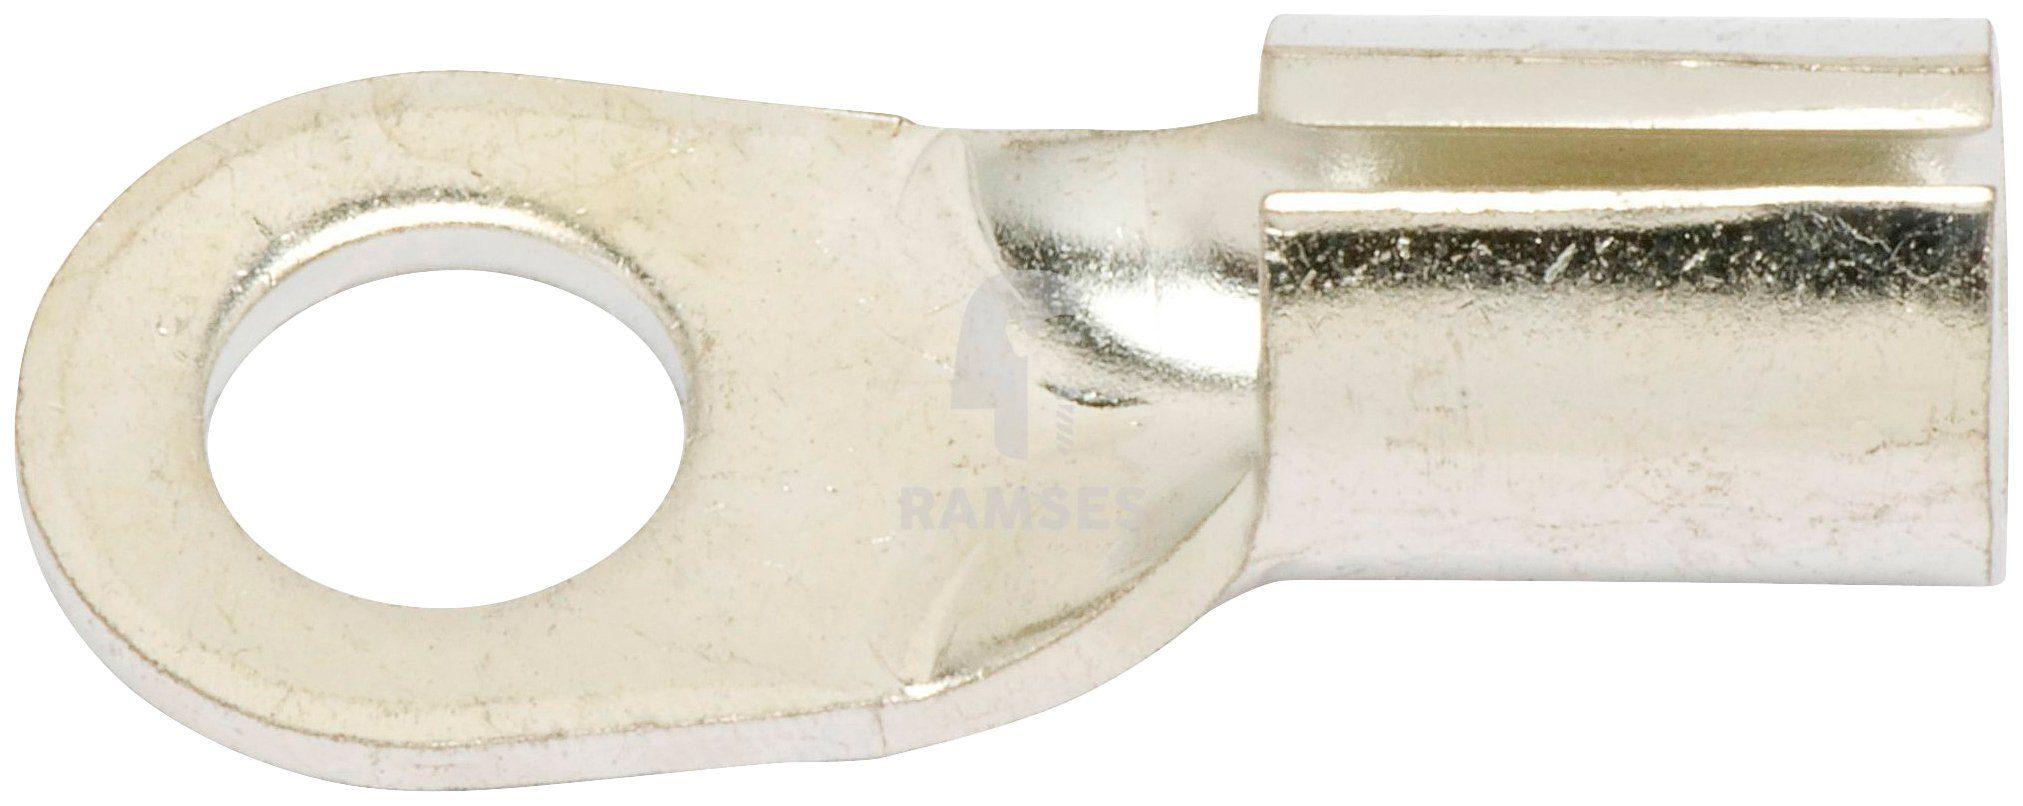 RAMSES Lötkabelschuh , DIN 46211 M6 15 mm² 25 Stück